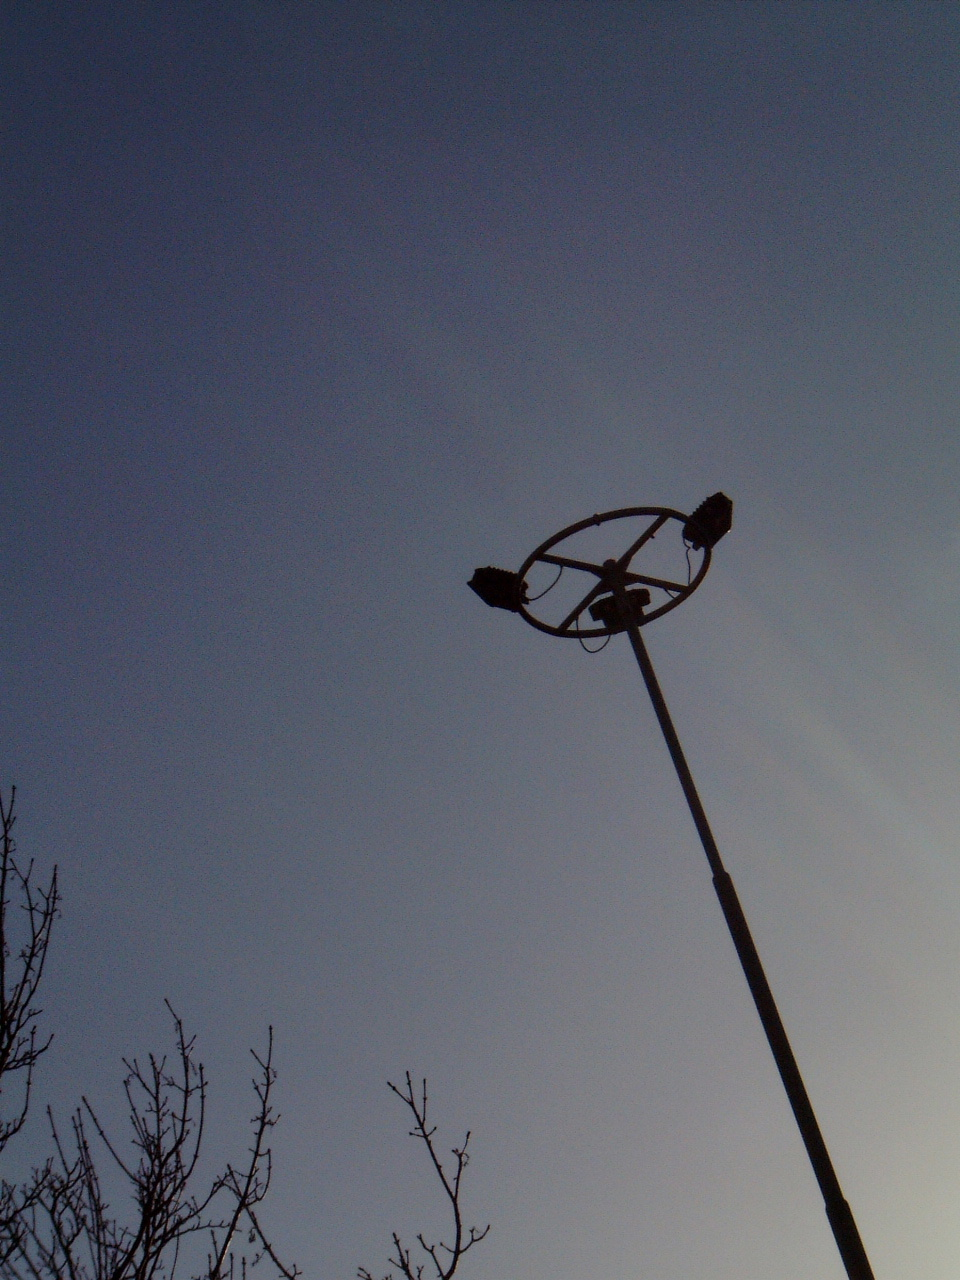 maartent mast lights pole evening